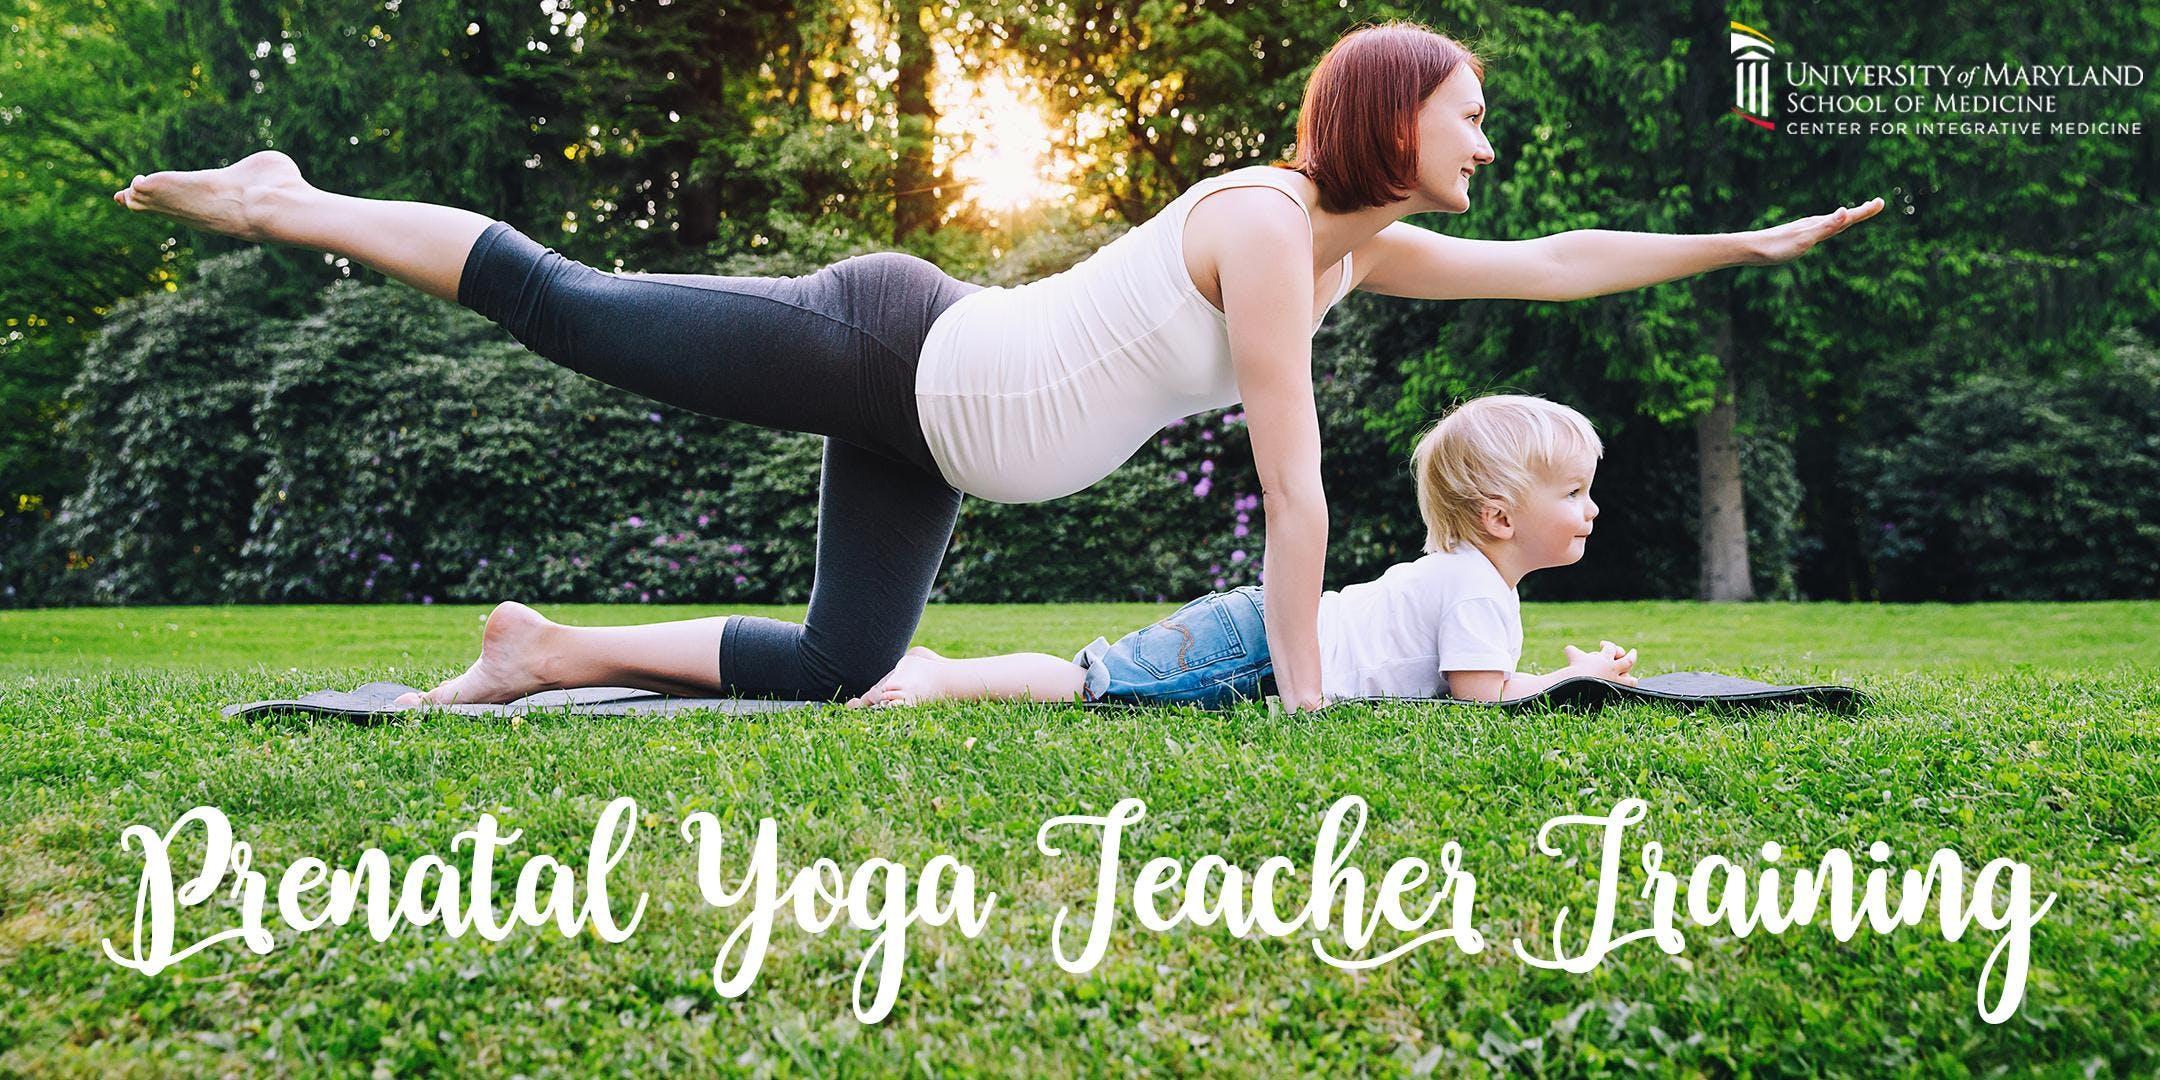 Prenatal Yoga Teacher Training At Smc Campus Center At University Of